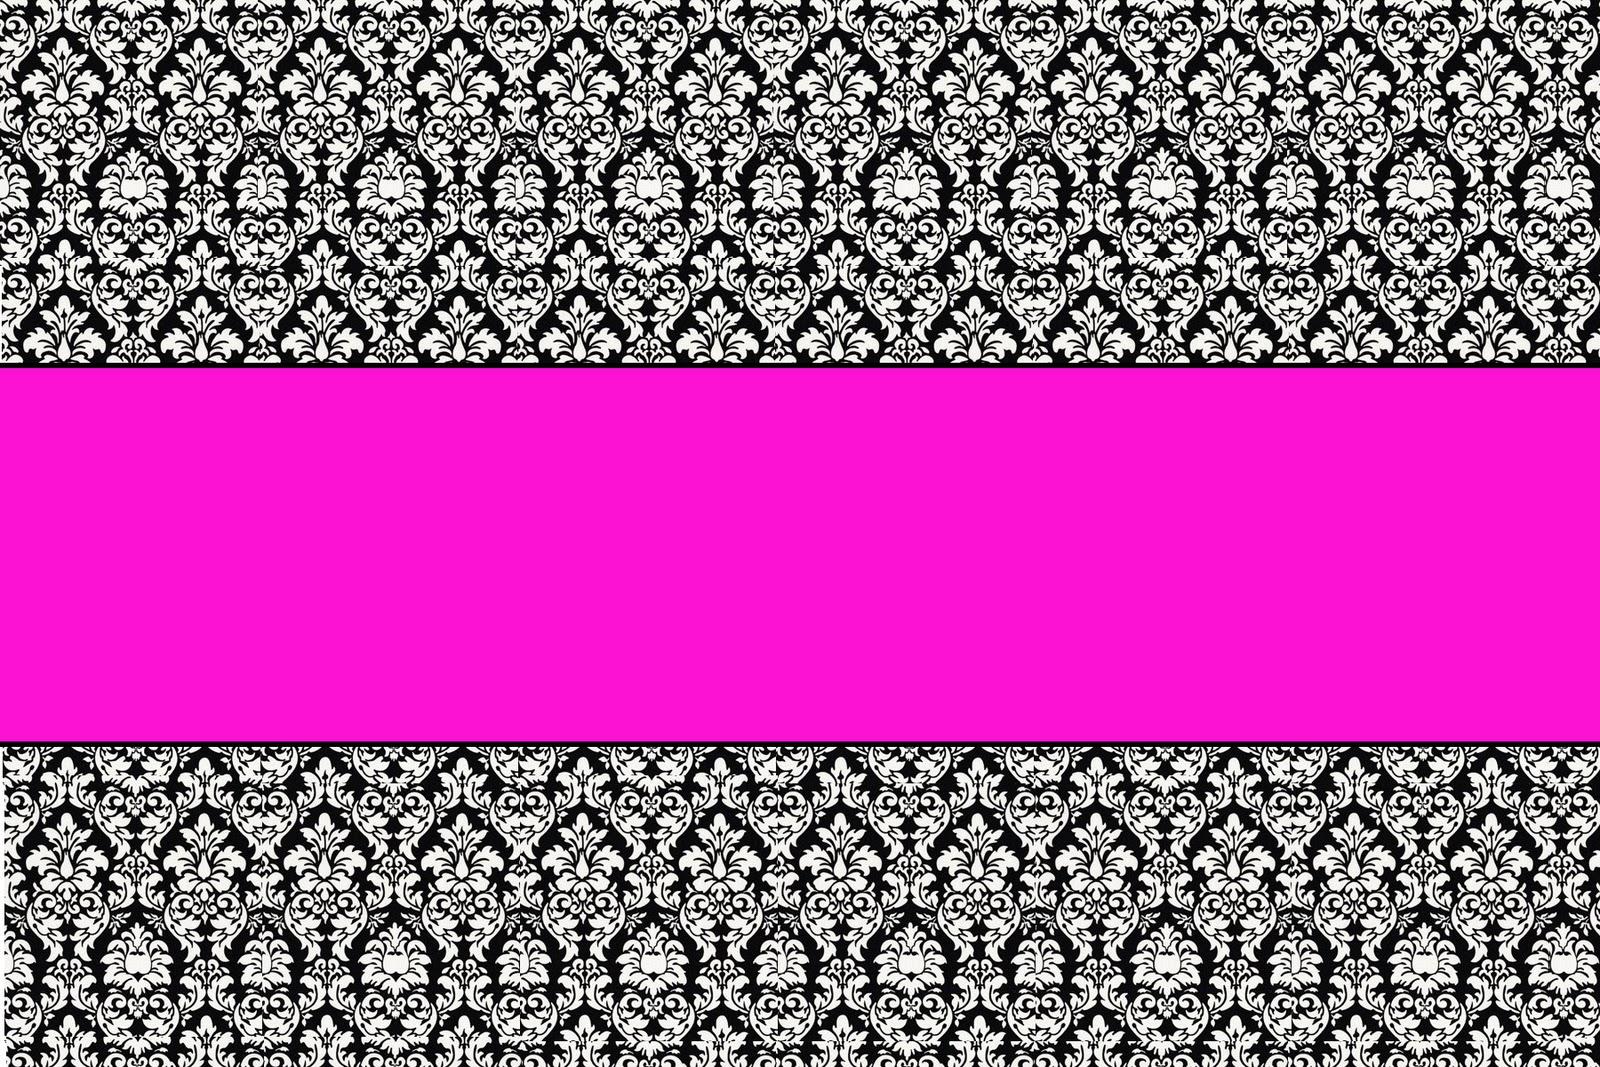 Pink damask delicious pink damask 21 modern grey pink damaskjpg 1600x1067